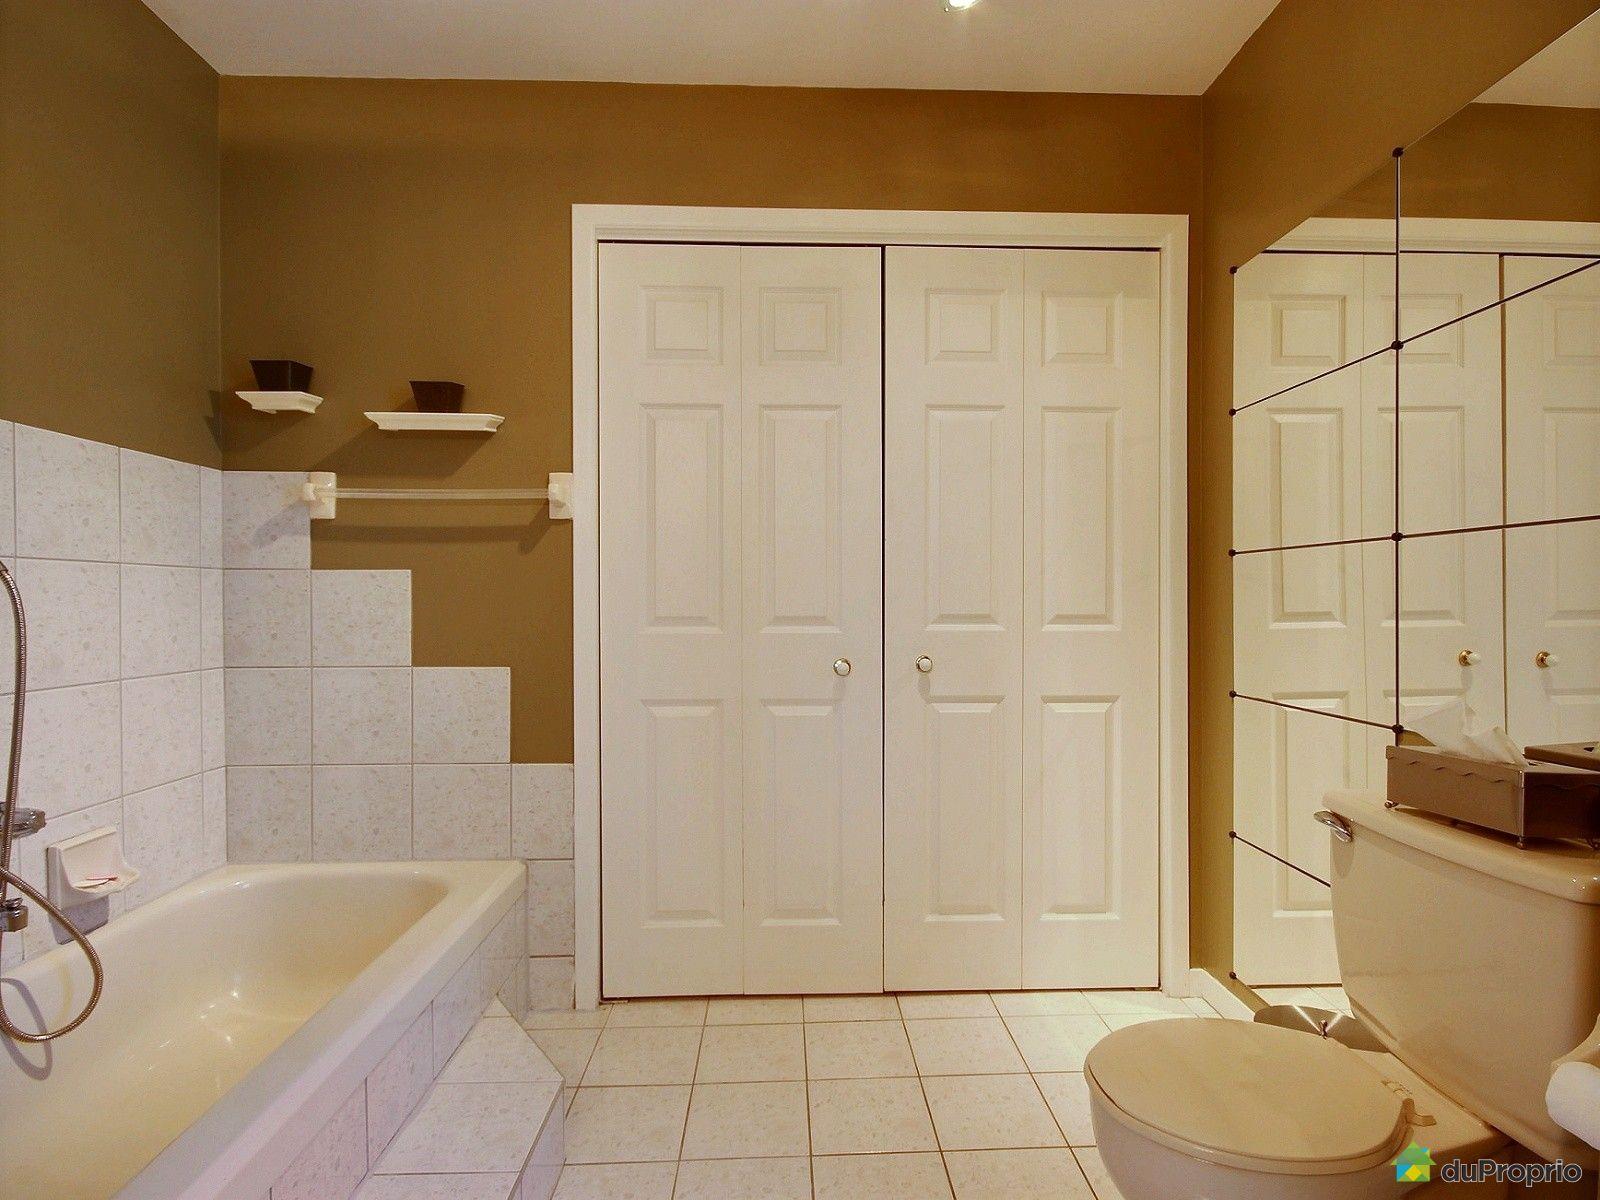 Salle de bain economique maison vendu les saules - Salle de bain economique ...